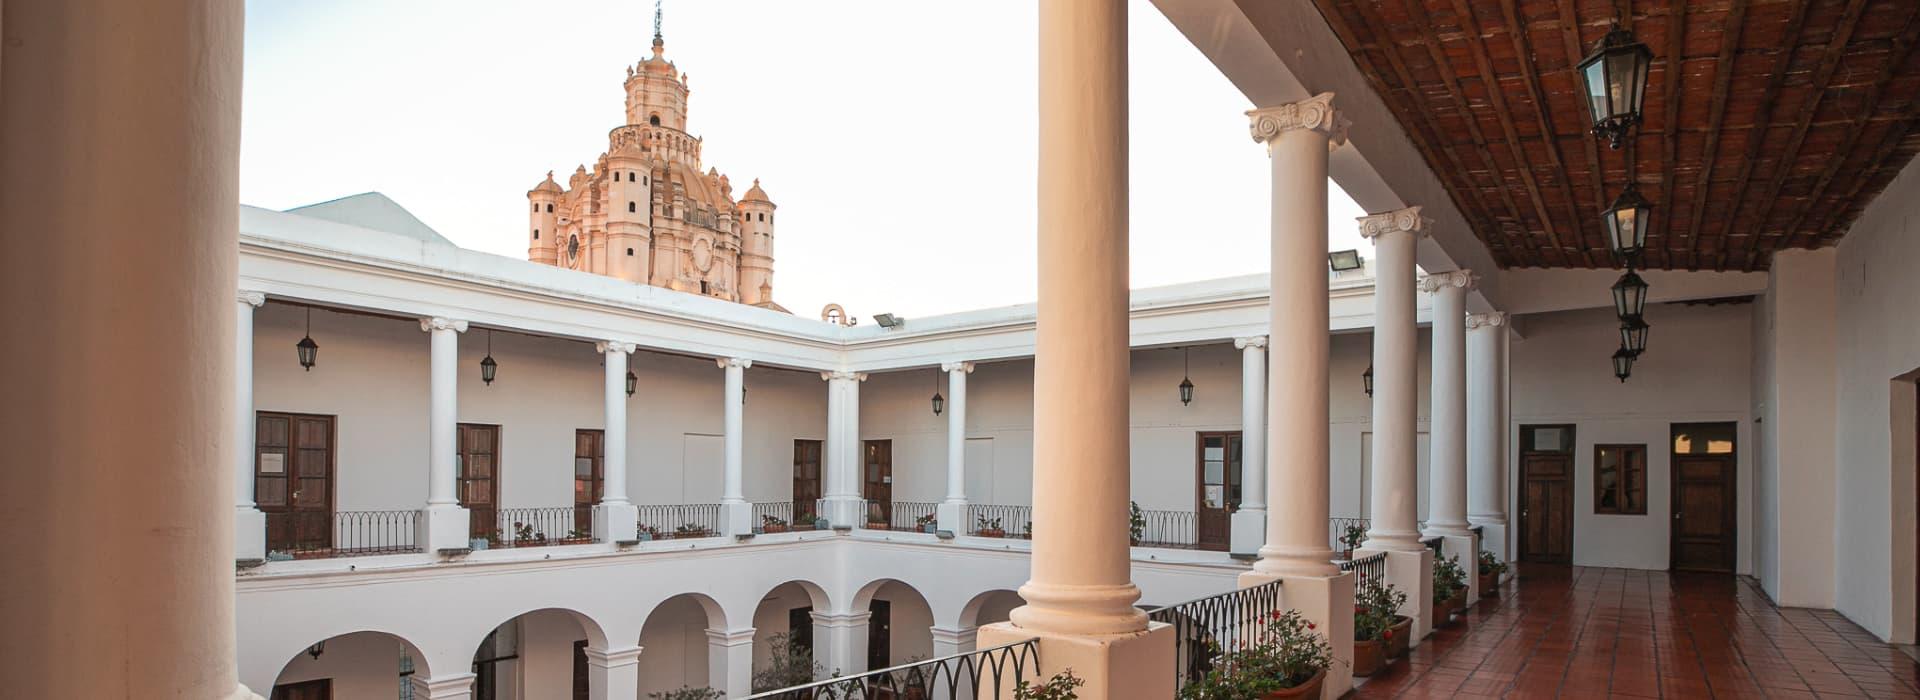 Fotografía gentileza del Gobierno de la provincia de Córdoba.